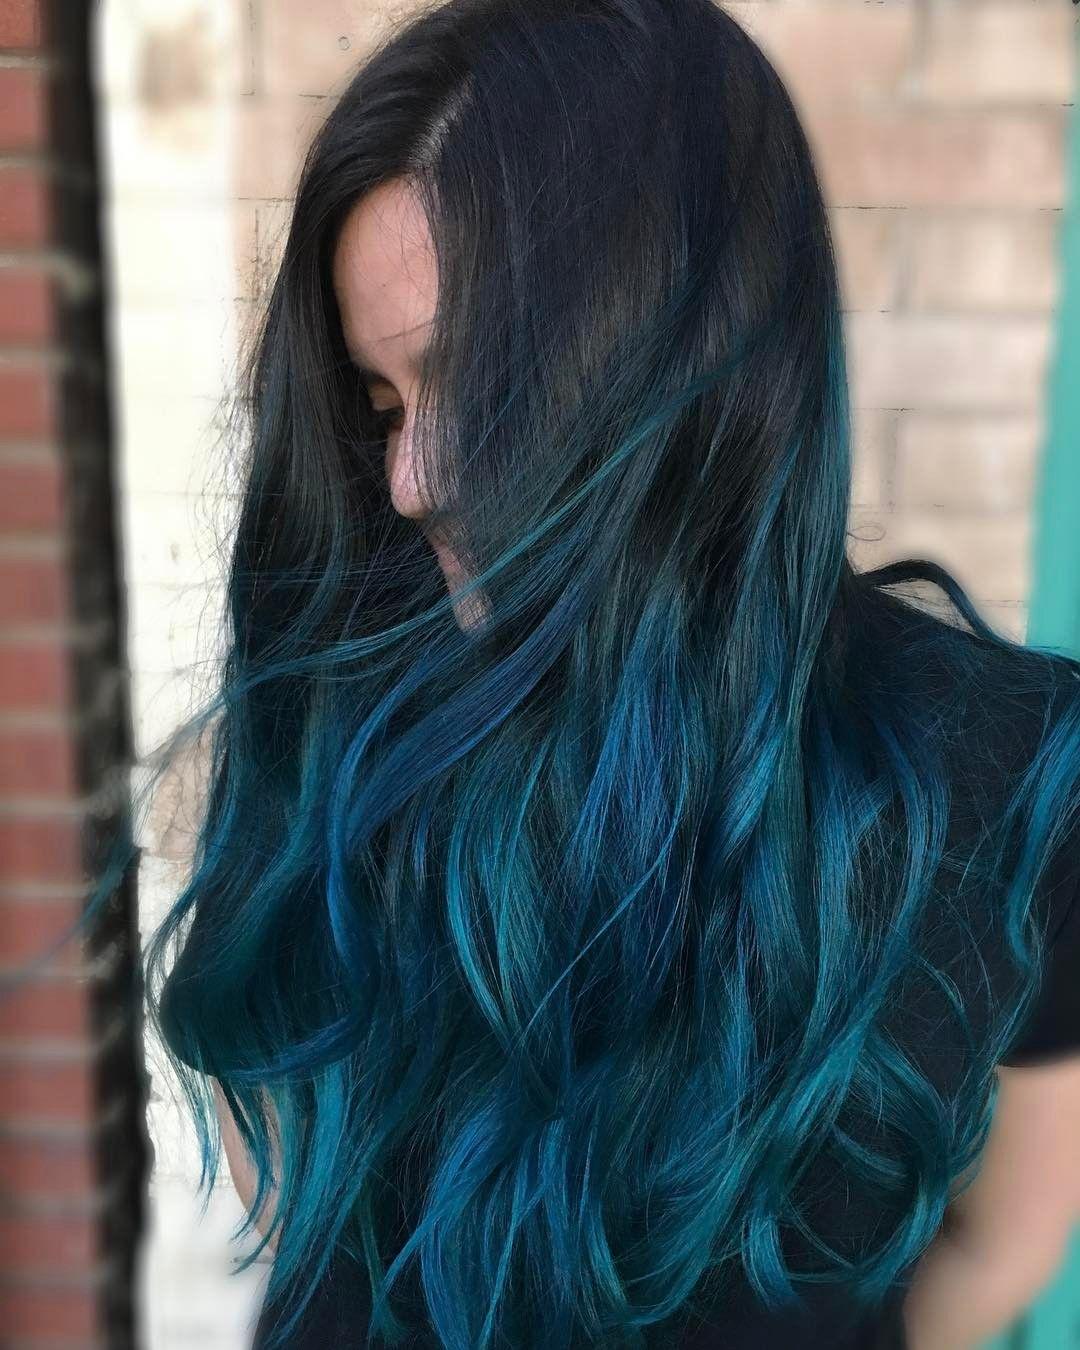 70+ Ideias de Cabelo Ombre com Diferentes Cores e Cortes para Escolher #OmbreHair #Ombre #CabeloFeminino #Luzes #Coloração #cabelos